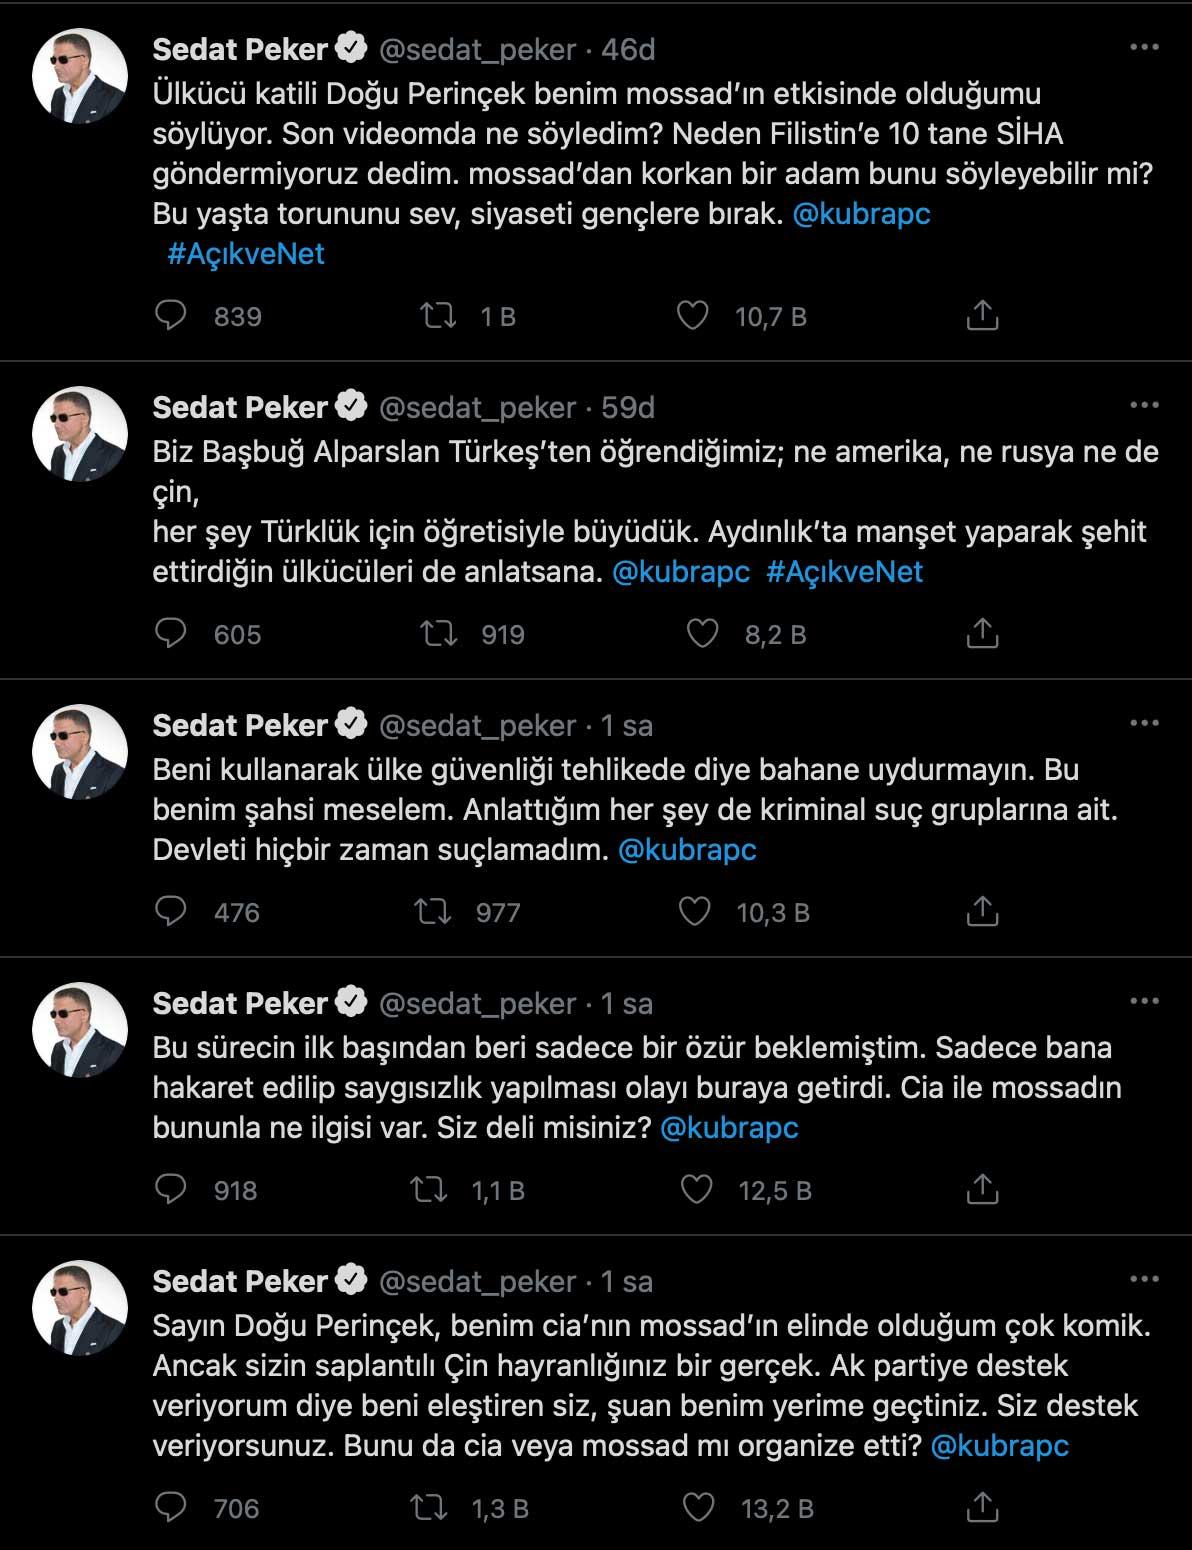 Sedat Peker: Sadece özür beklemiştim; bana hakaret edilip saygısızlık yapılması olayı buraya getirdi